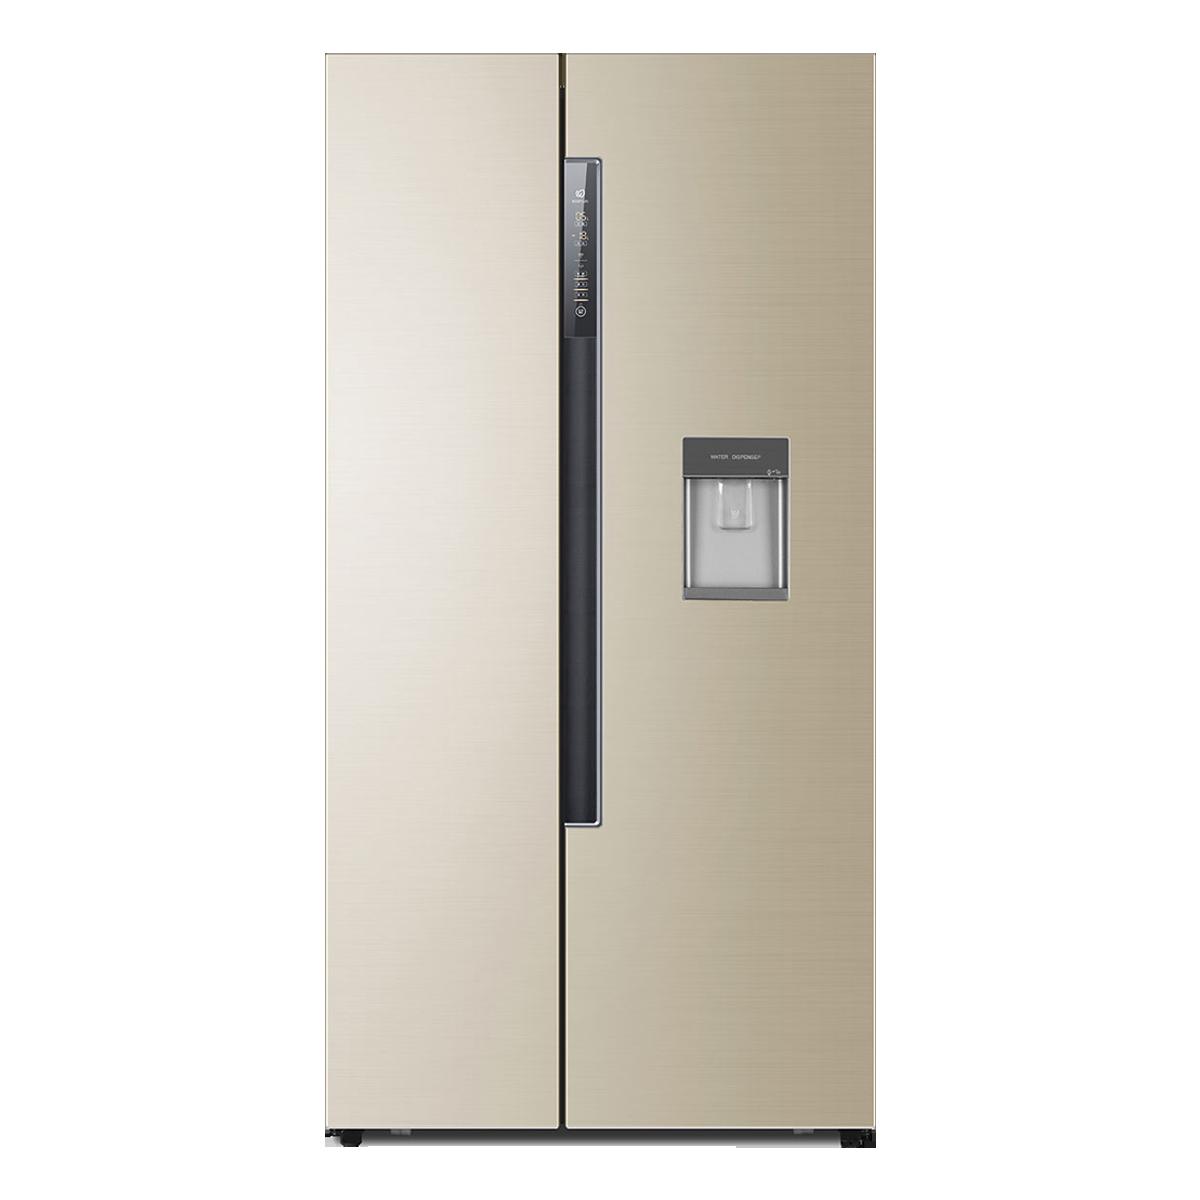 海尔Haier冰箱 BCD-591WDVLU1 说明书